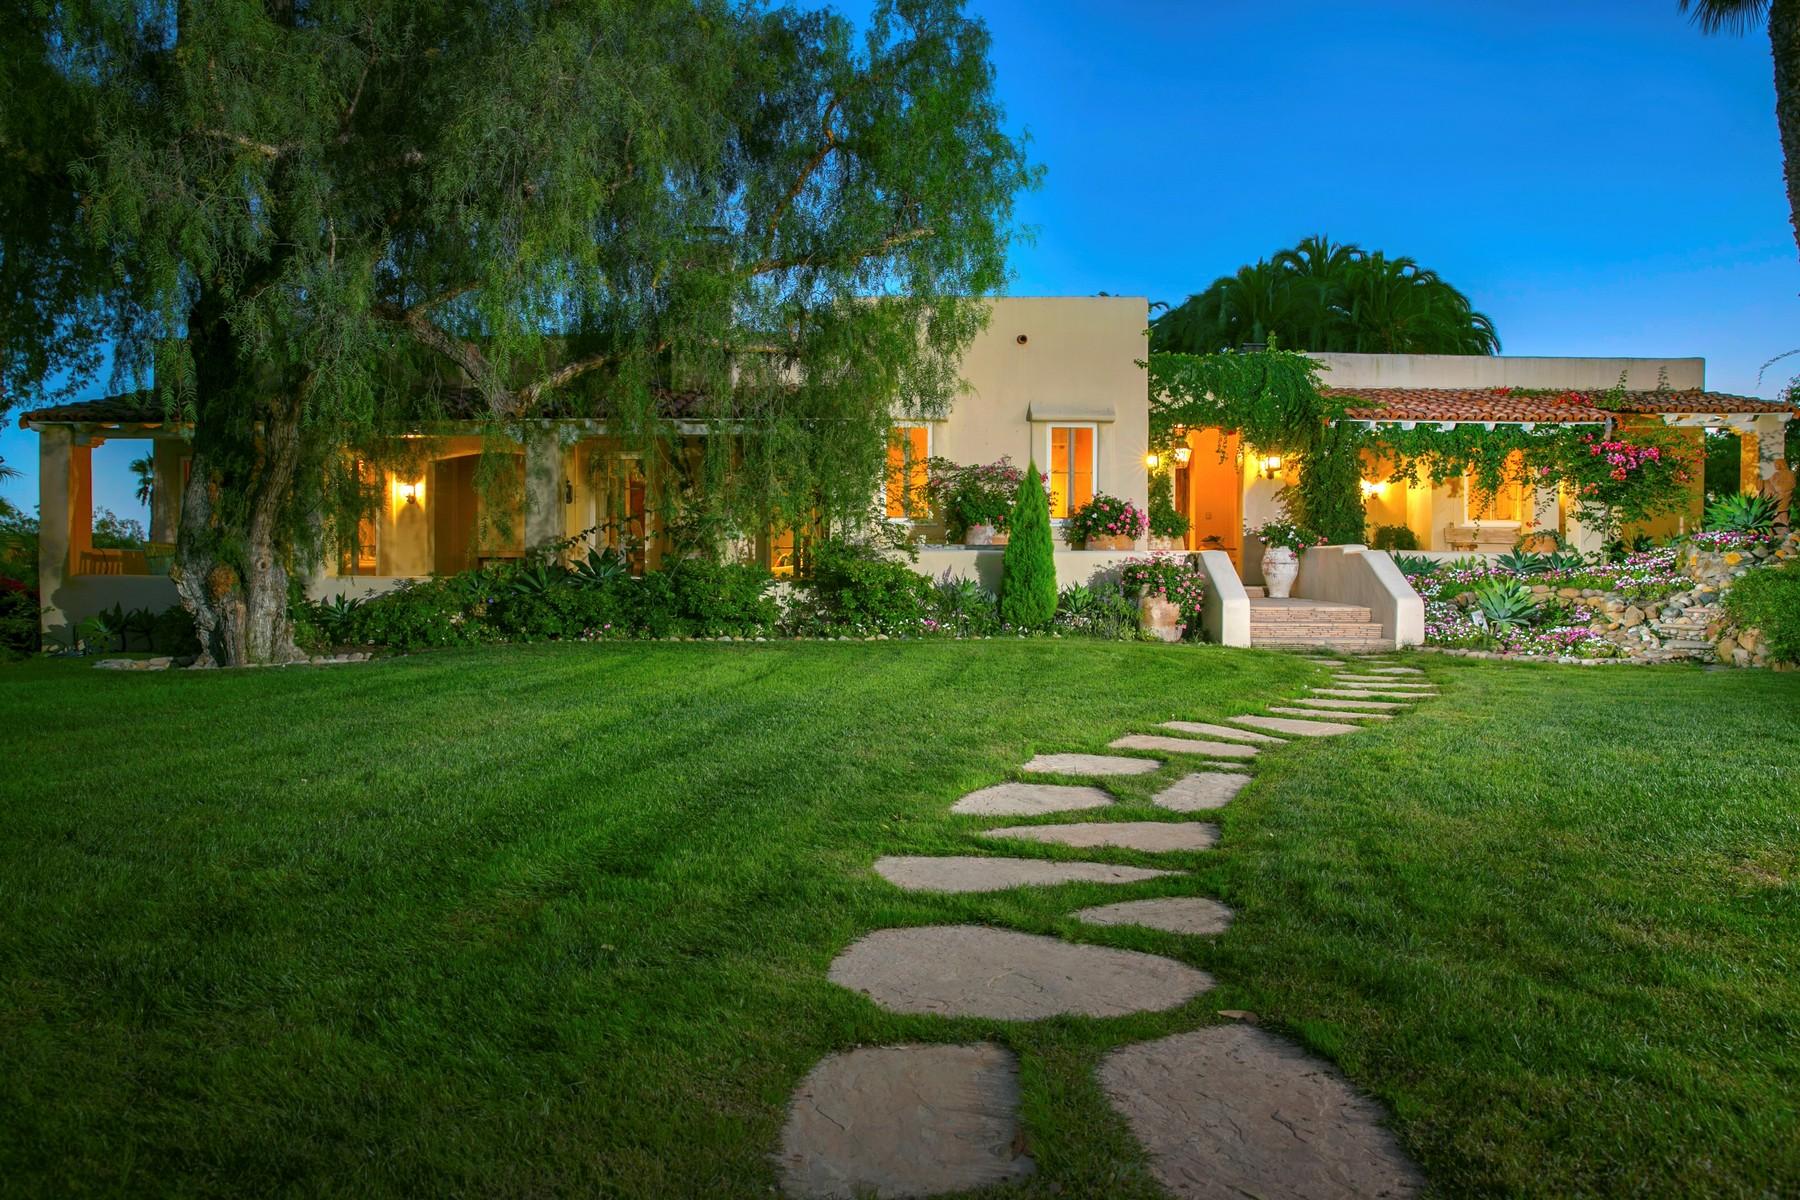 Частный односемейный дом для того Продажа на 6855 La Valle Plateada Rancho Santa Fe, Калифорния, 92067 Соединенные Штаты